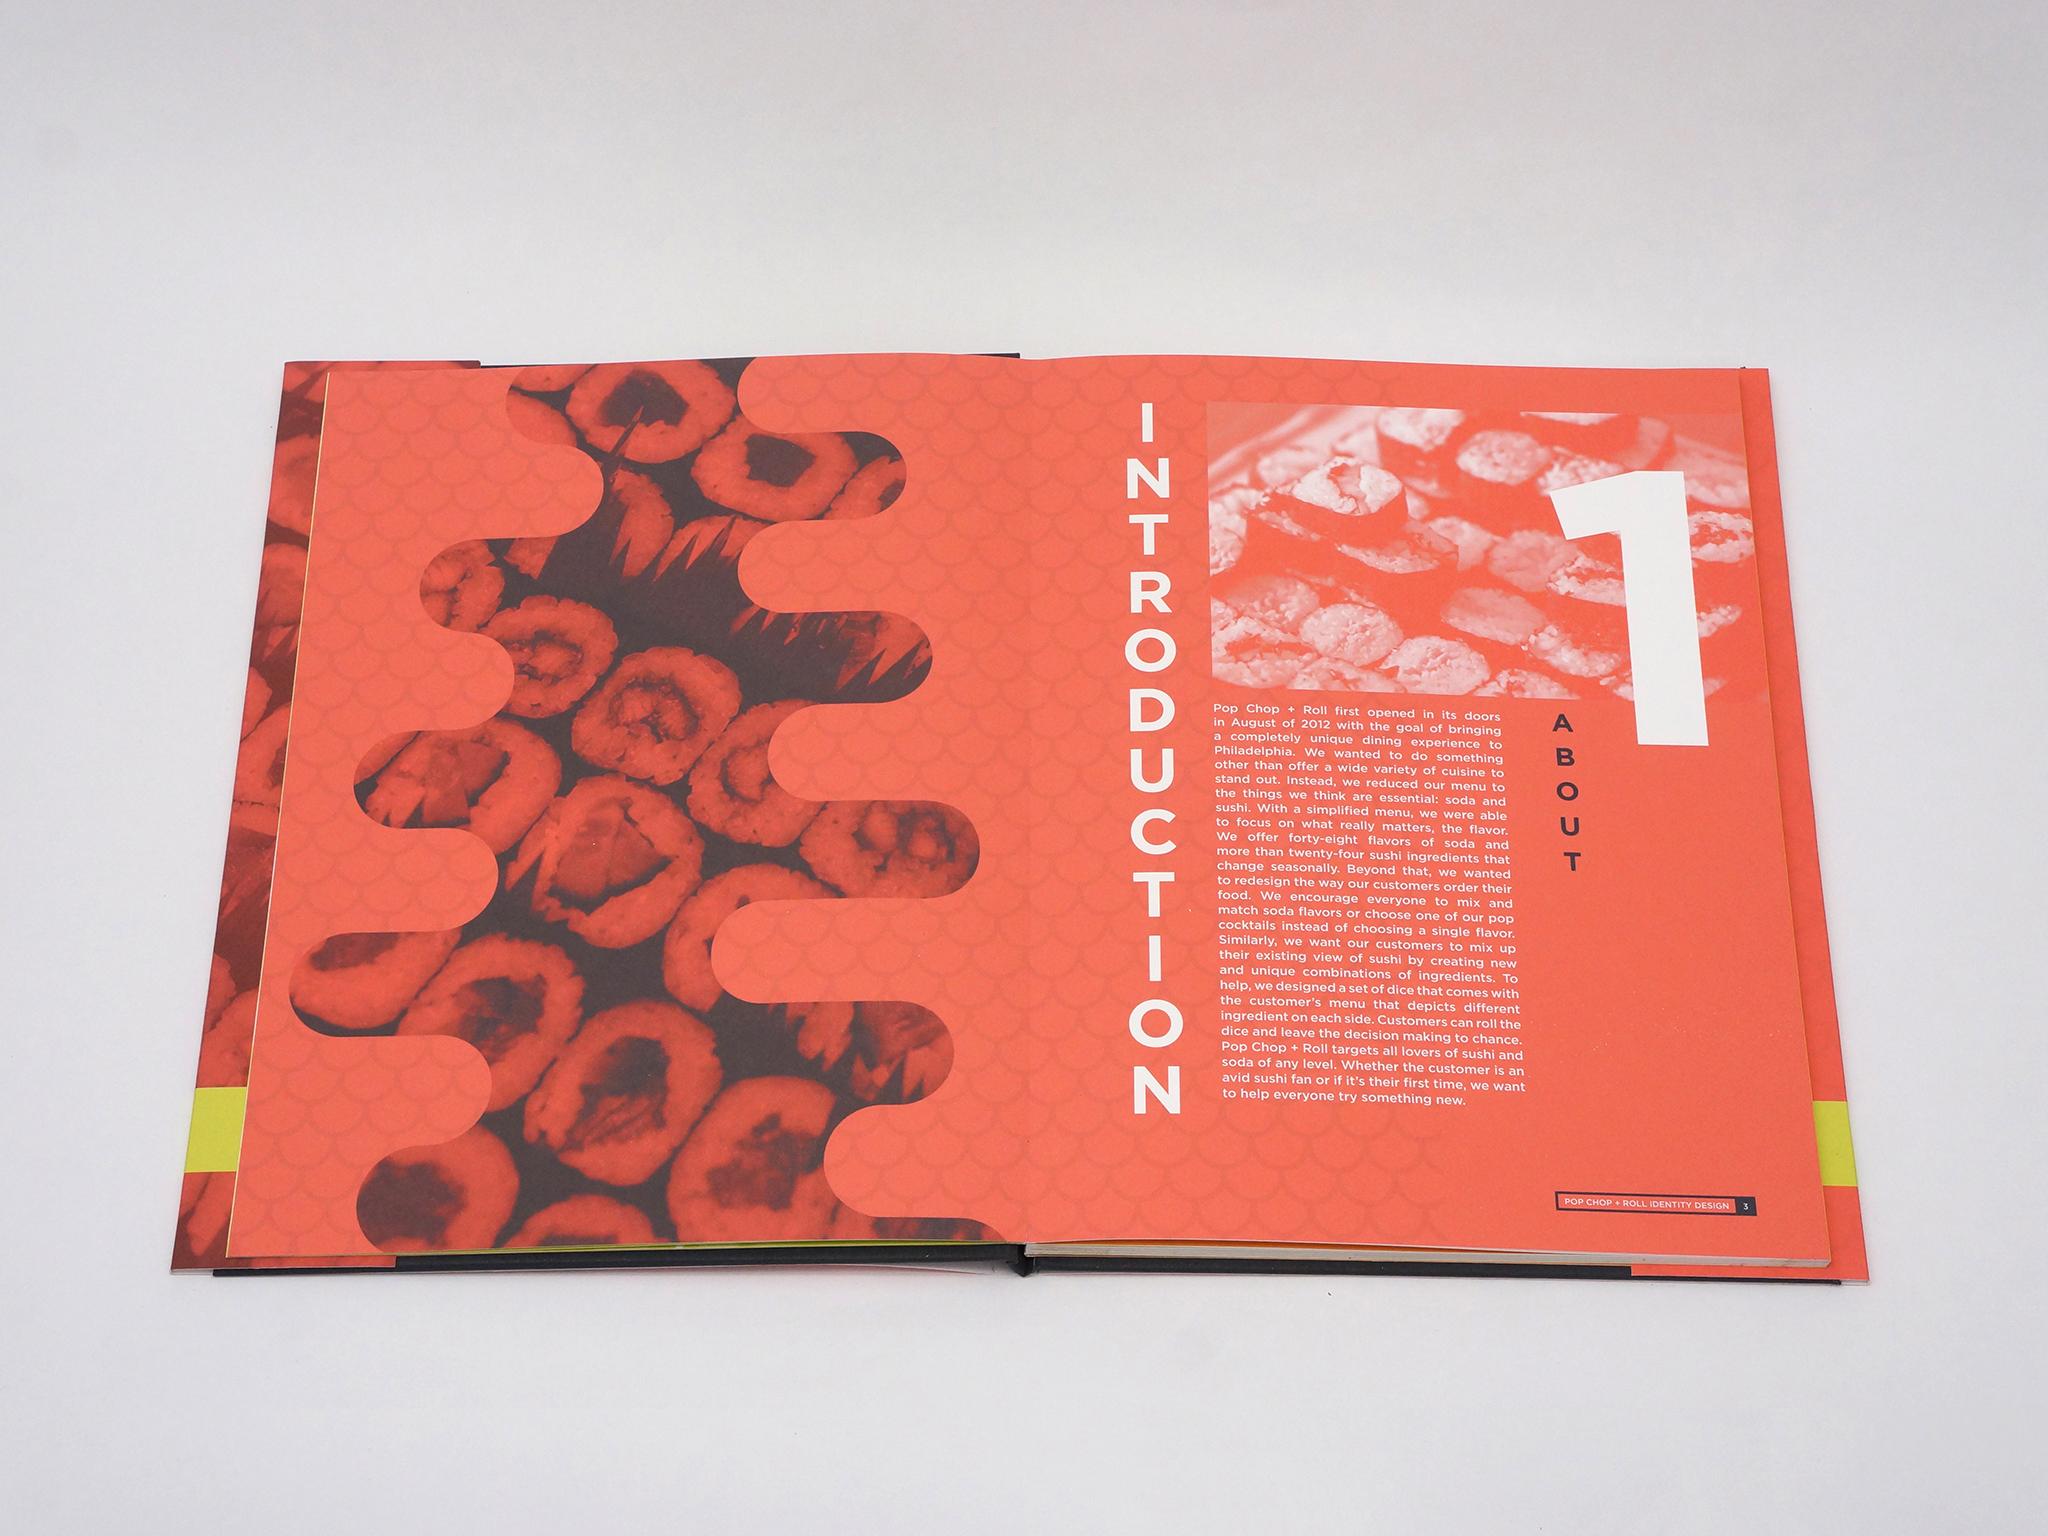 pcr_book_3.jpg